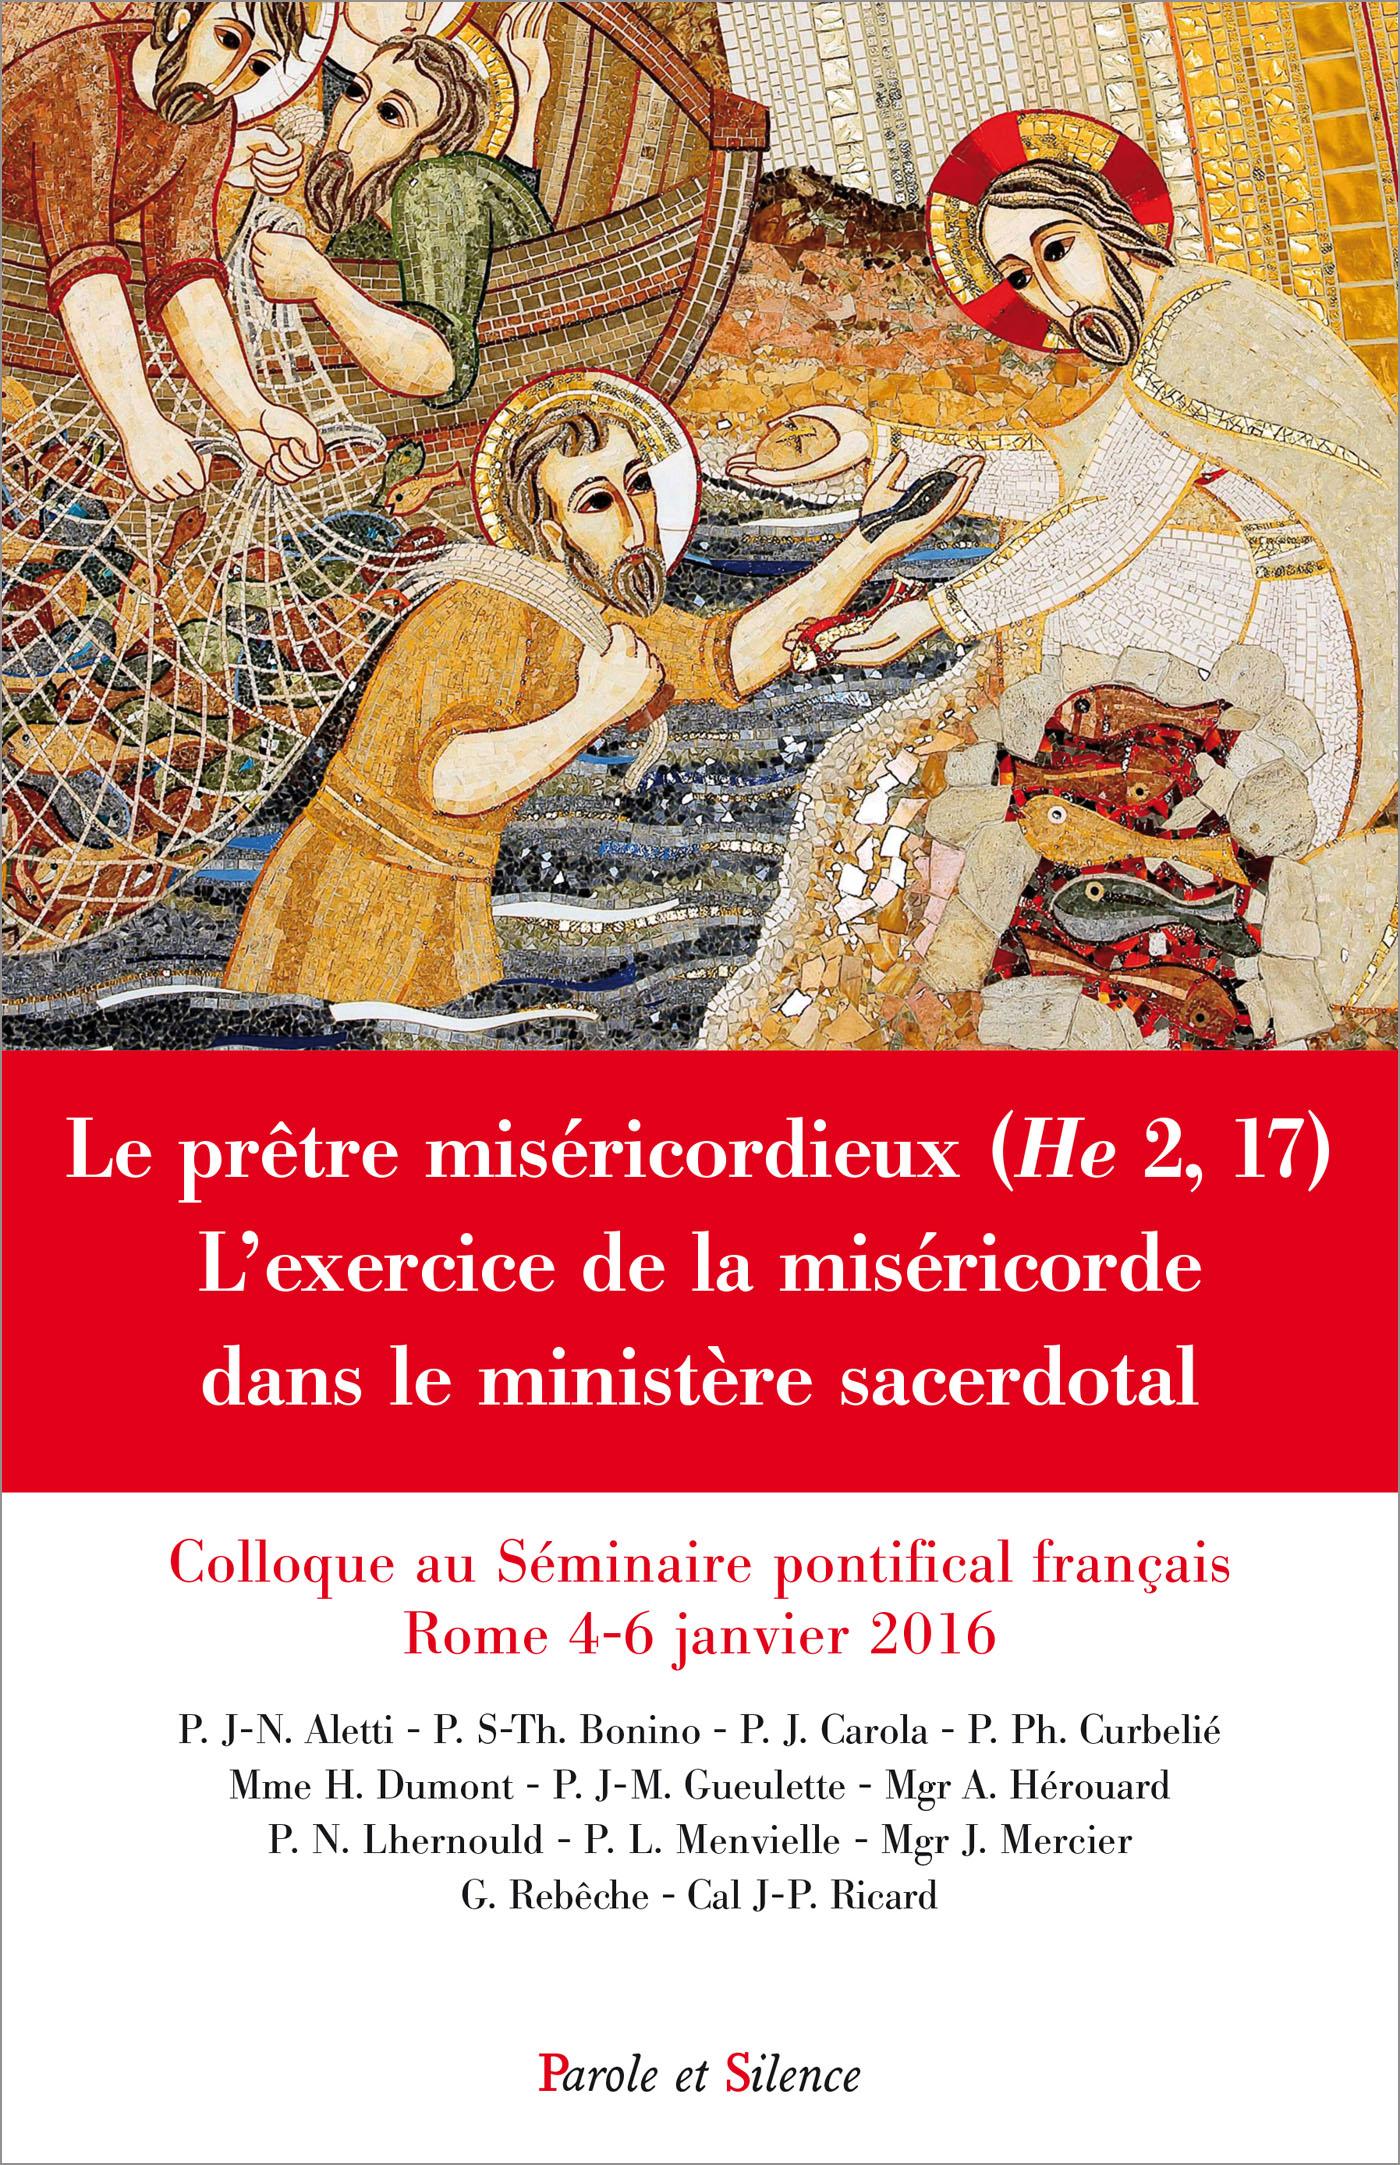 Le prêtre miséricordieux (He 2,17)